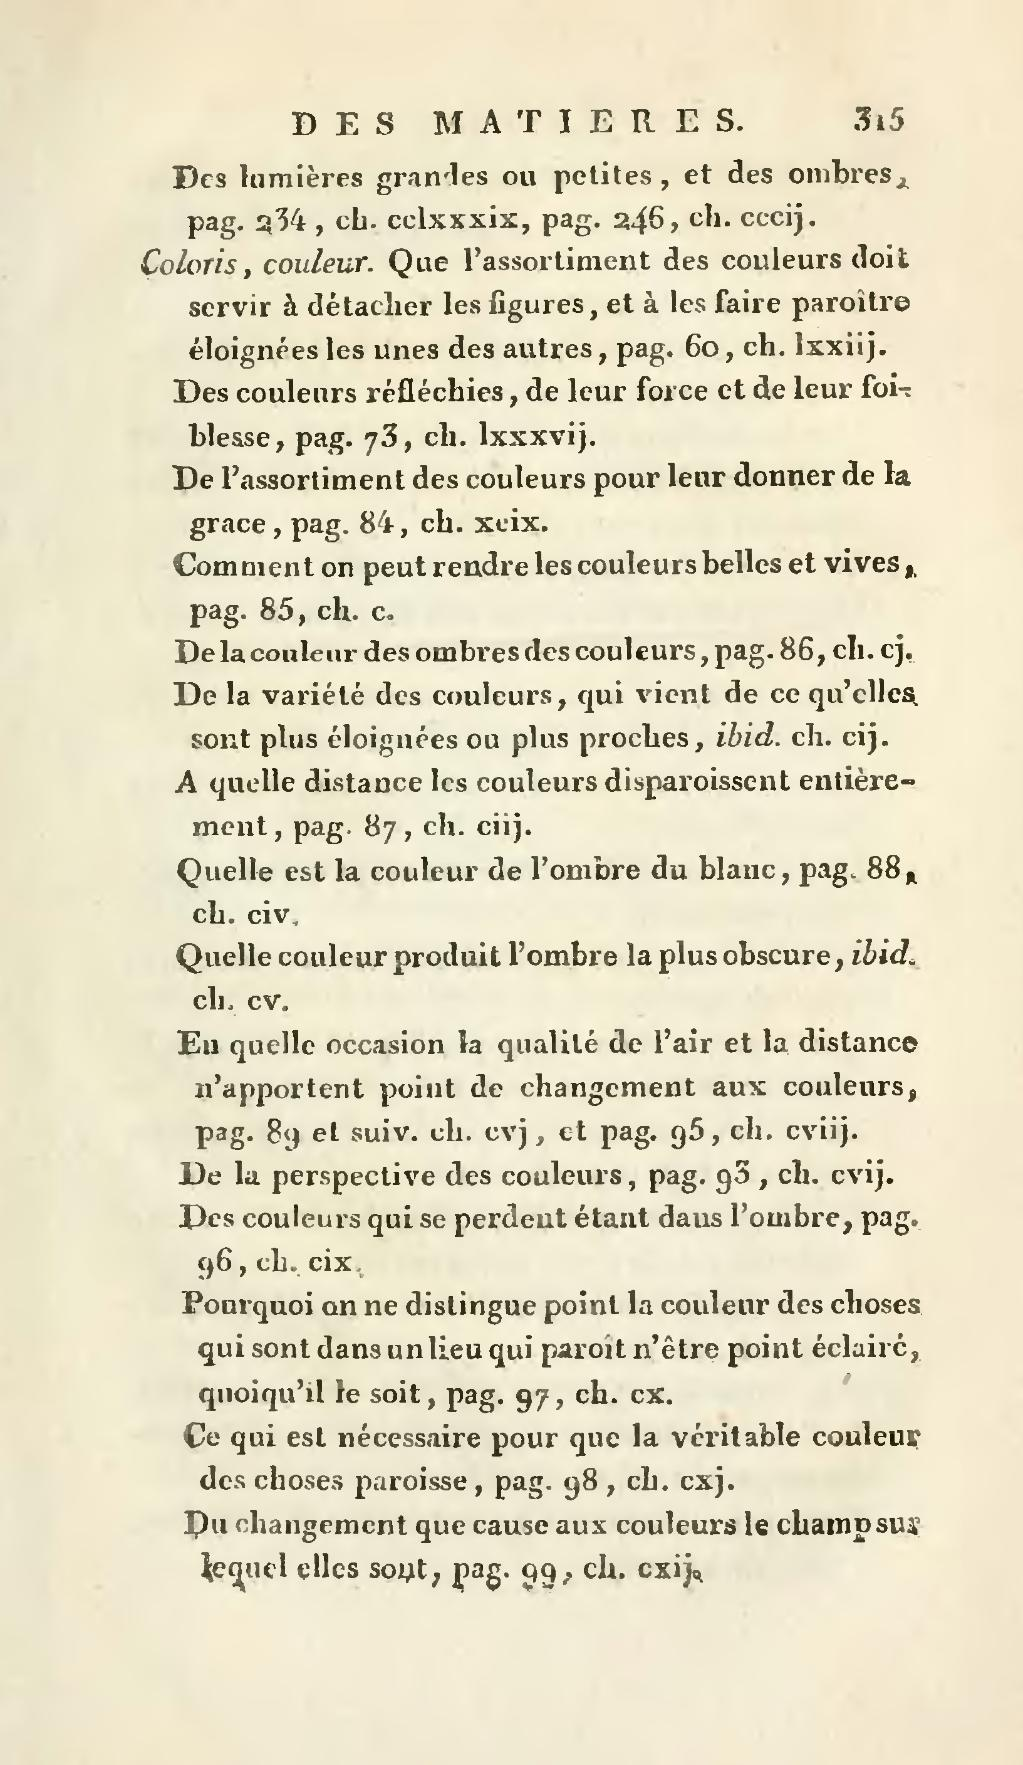 Couleur Qui Sont Des Choses page:léonard de vinci - traité élémentaire de la peinture, 1803.djvu